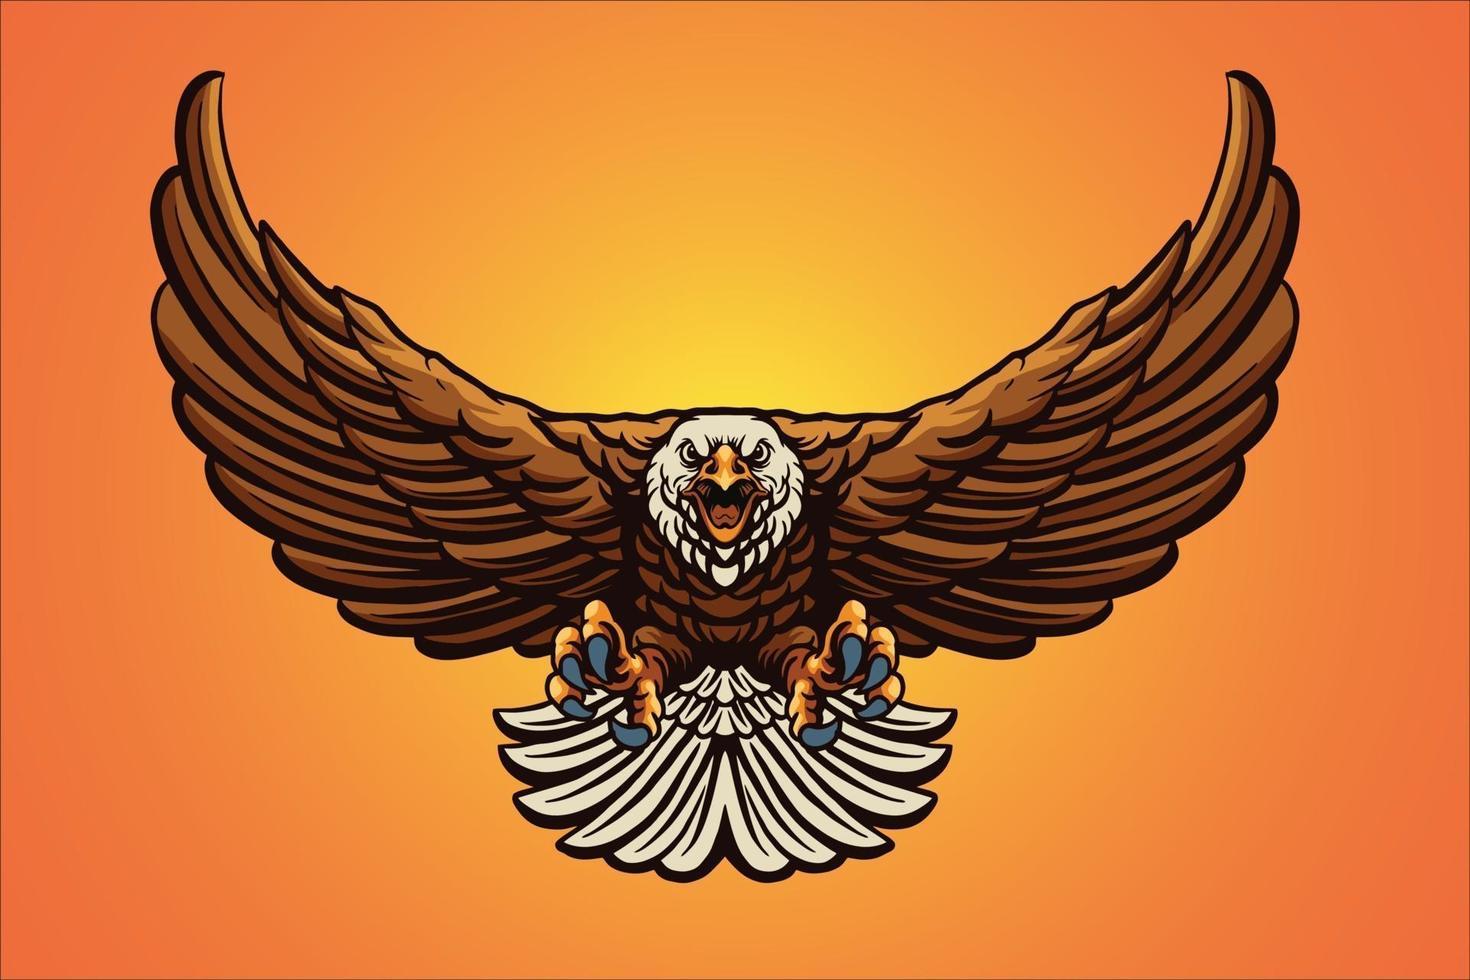 illustration vectorielle de vol aigle mascotte vecteur